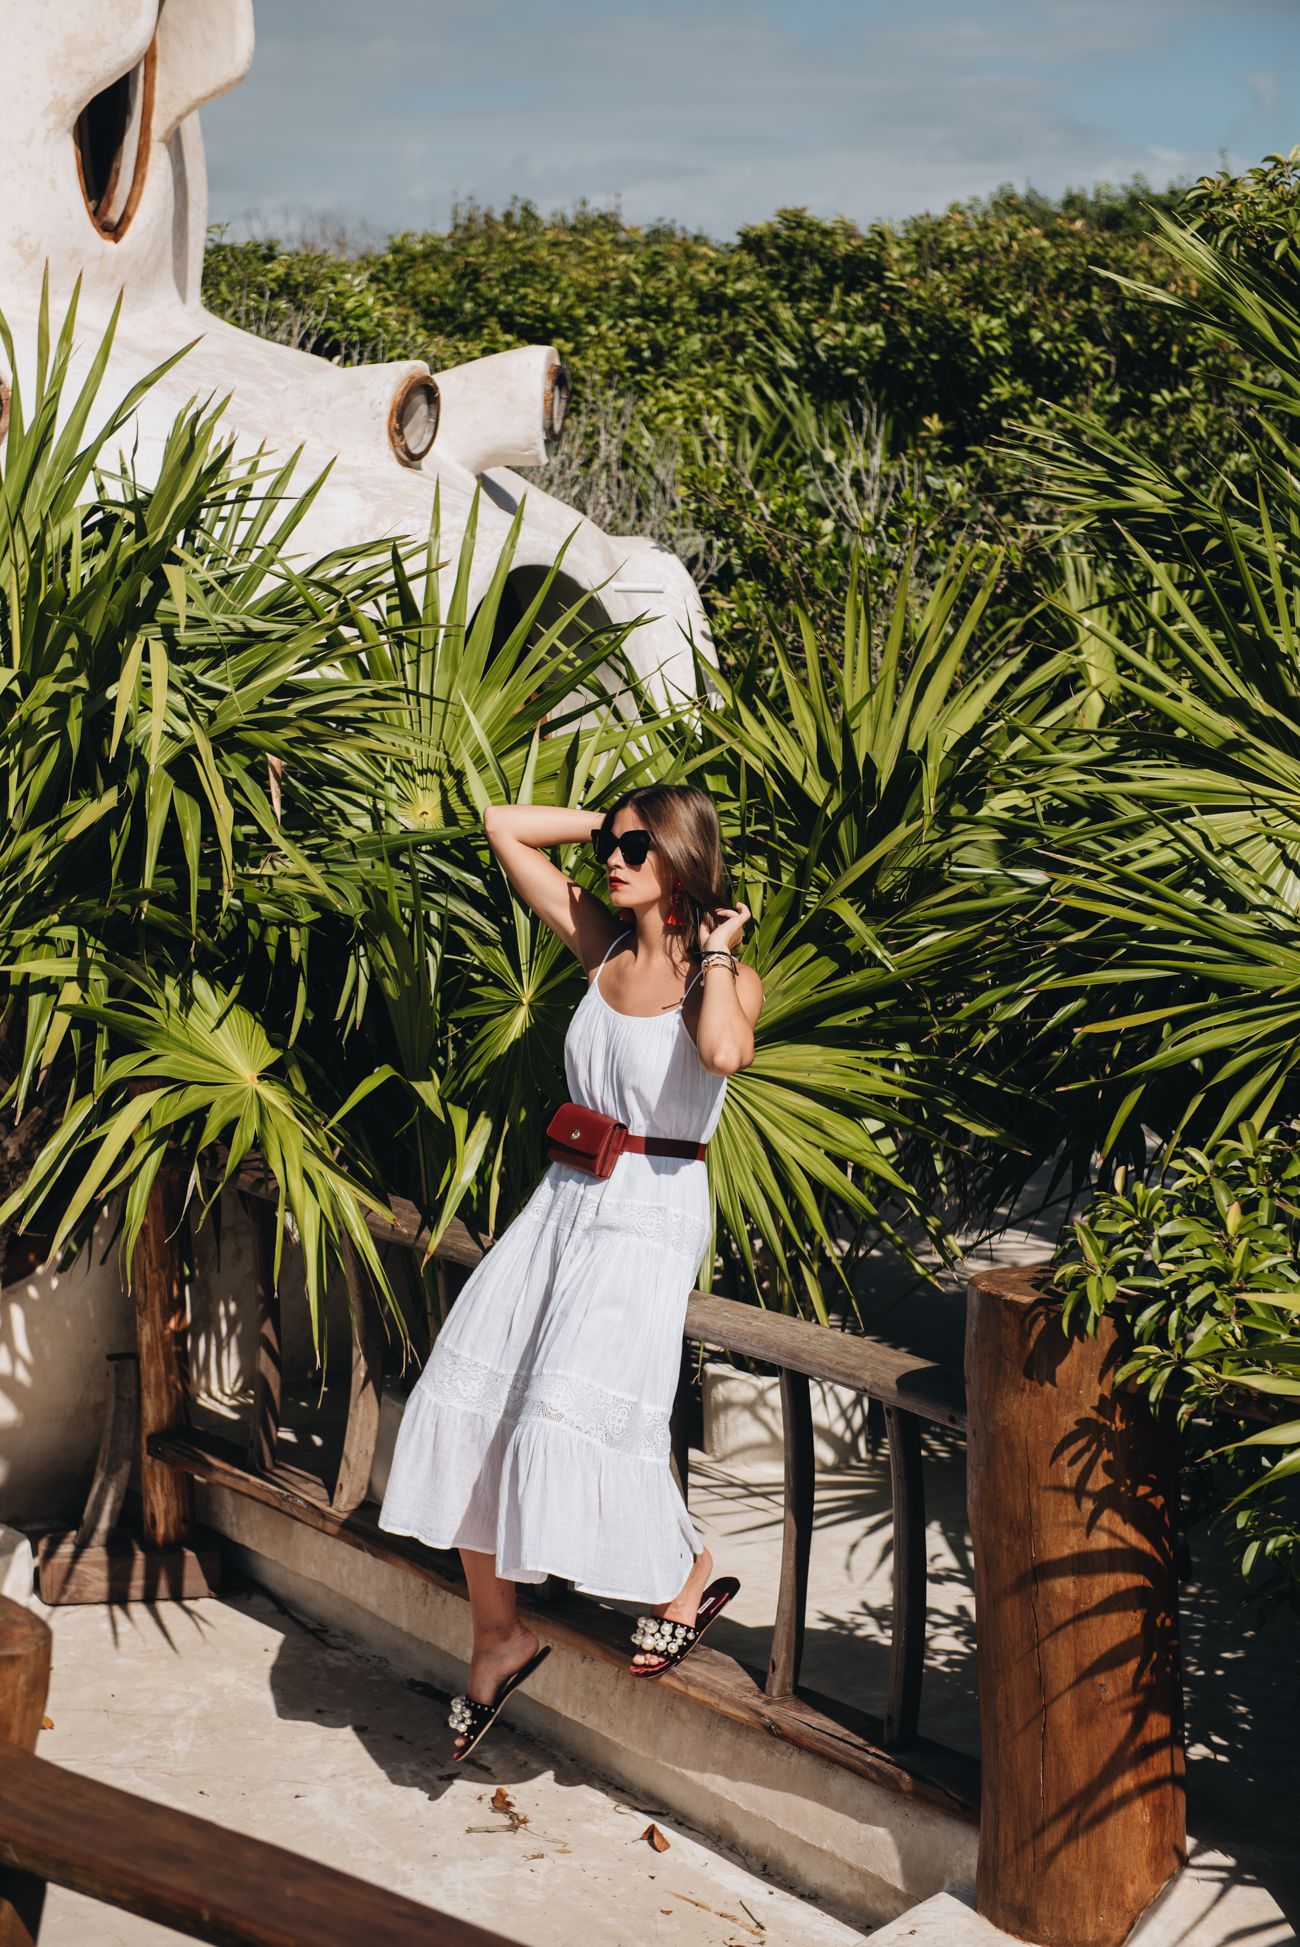 Die-10-besten-erfolgreichsten-mode-beauty-und-lifestyle-blogs-deutschlands-münchen-fashiioncarpet-nina-schwichtenberg-luxus-bloggerin